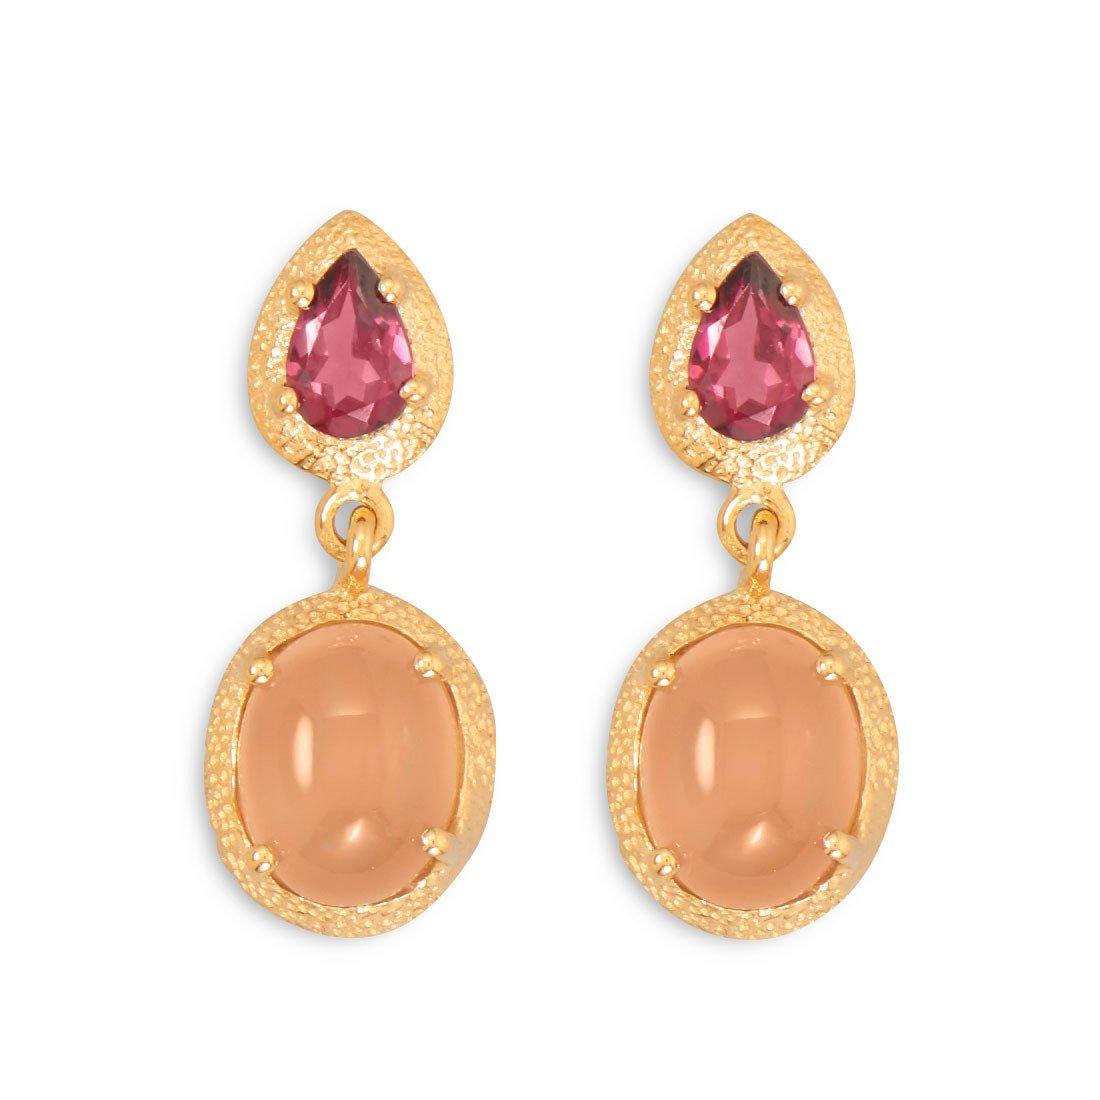 14 Karat Gold Plated Rhodolite Garnet and Moonstone Drop Earrings